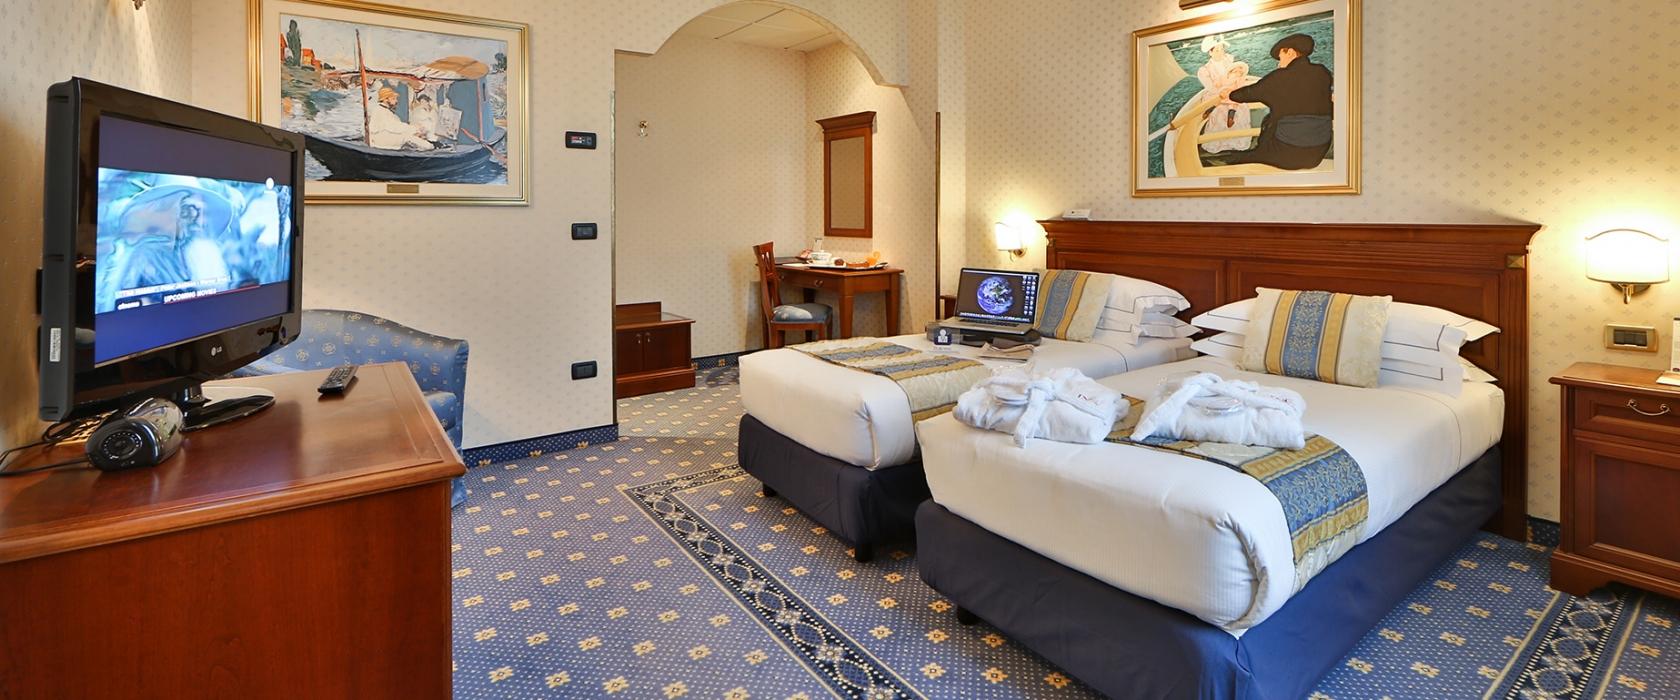 Il BW Classic Hotel propone ampie e accoglienti camere